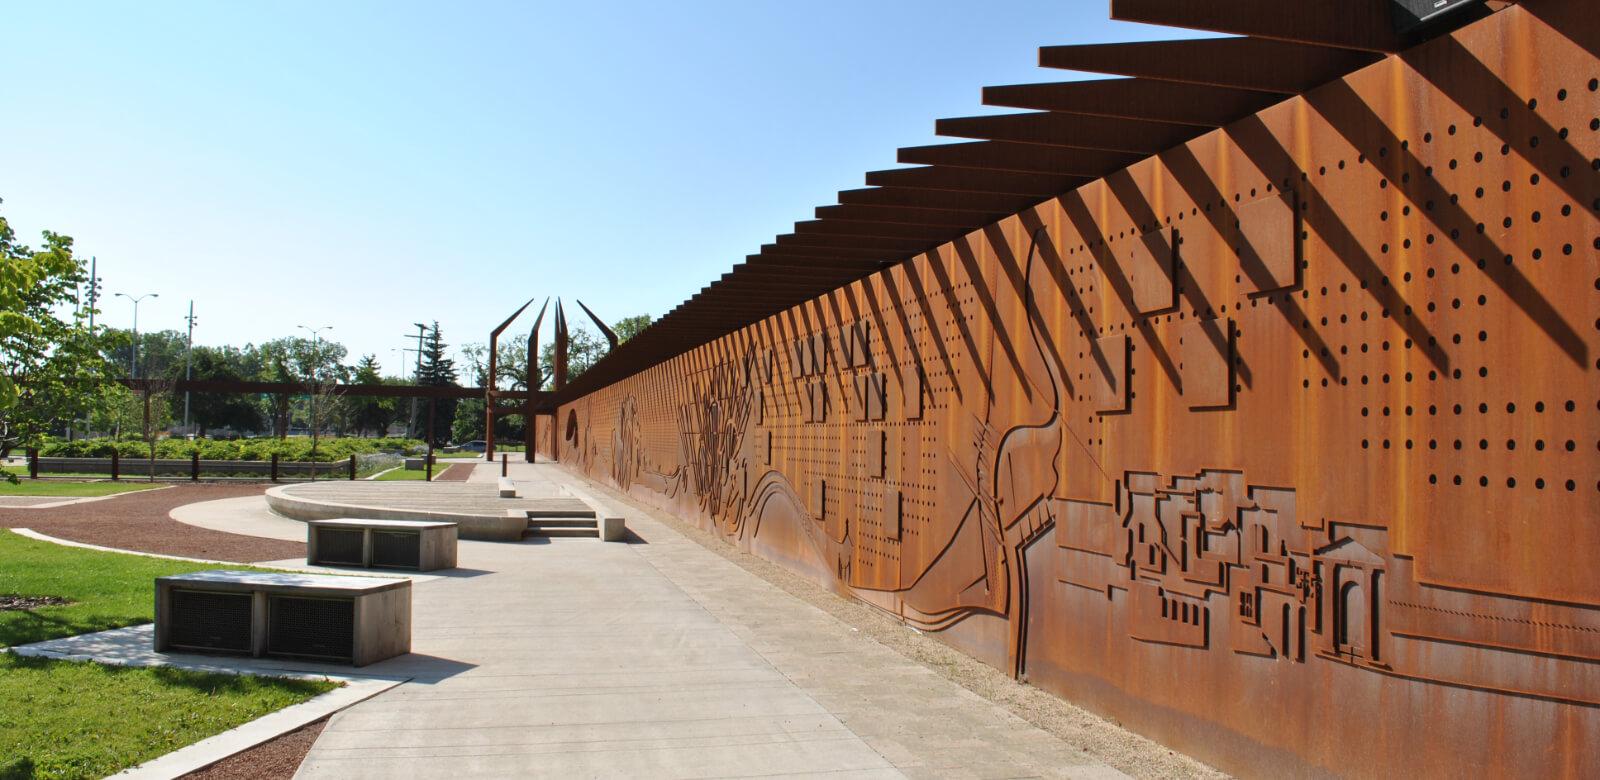 Upper Fort Garry Wall